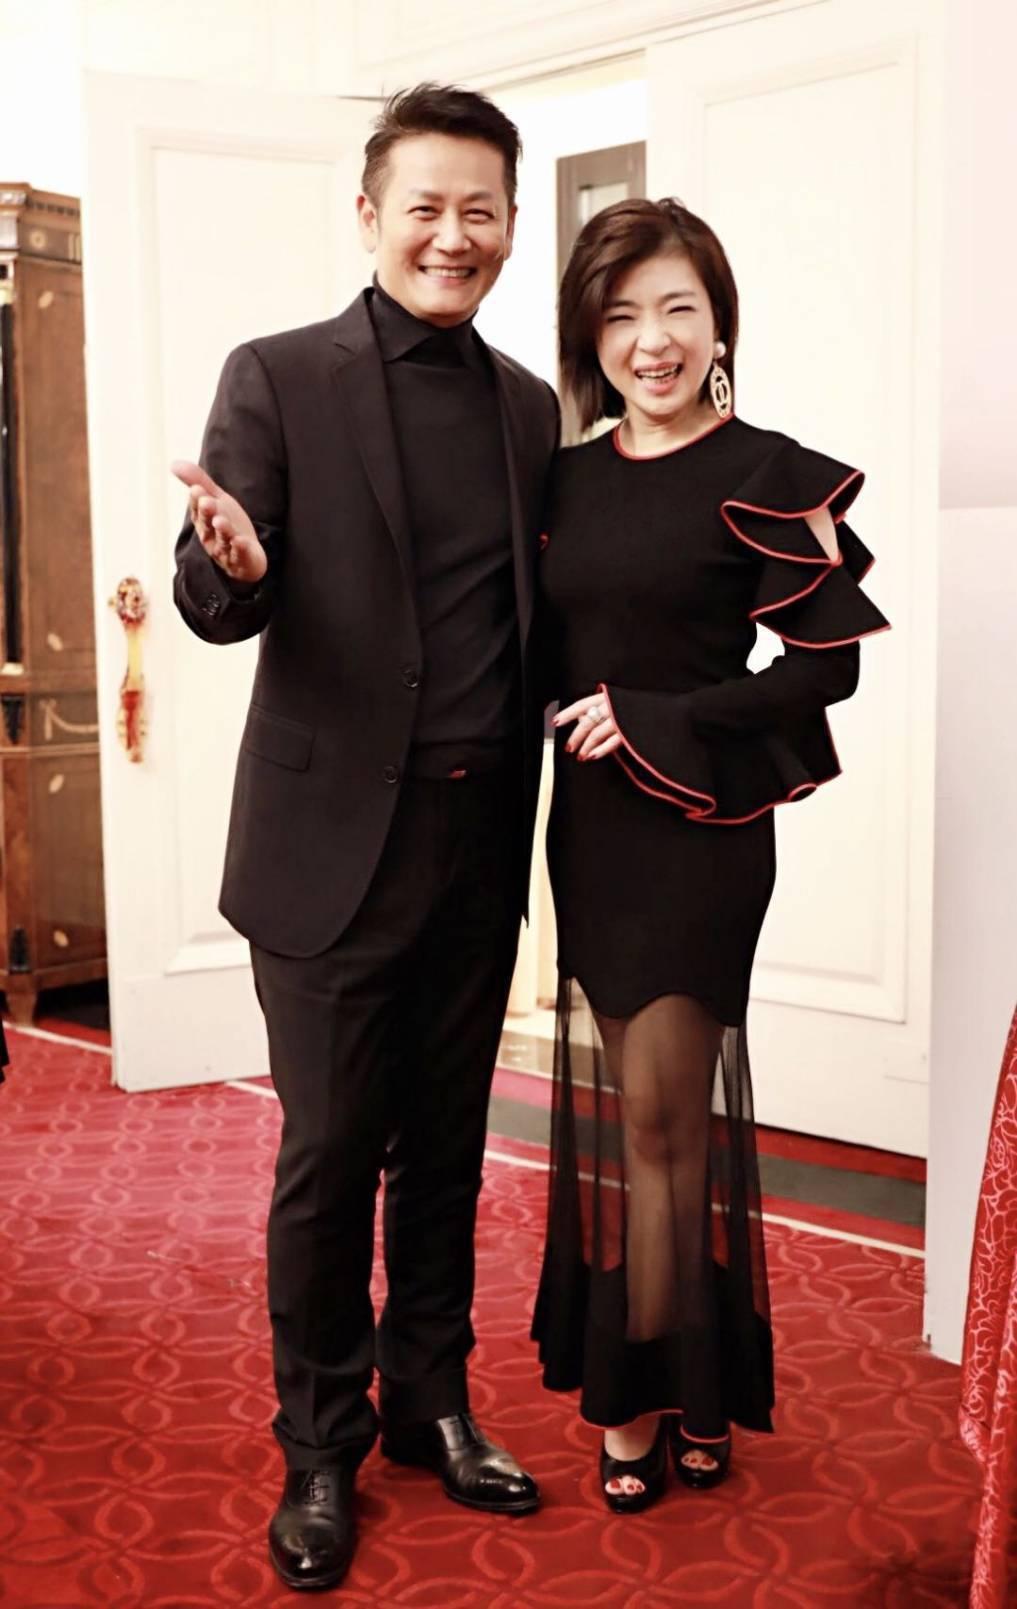 徐乃麟(左)與何修榕(右)是多年好友。圖/中華全球城市選拔協會提供